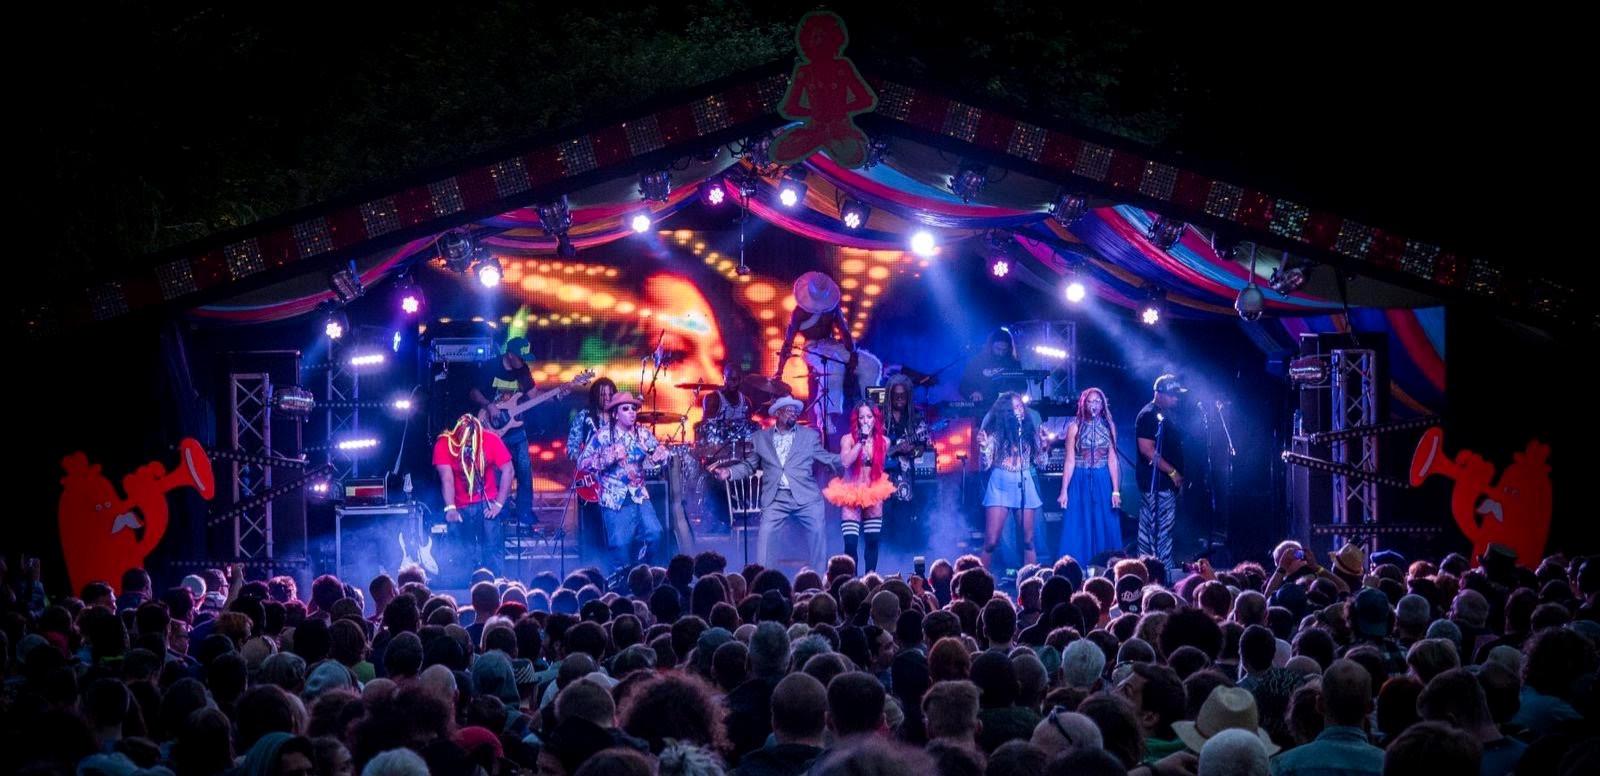 Festival - 2016